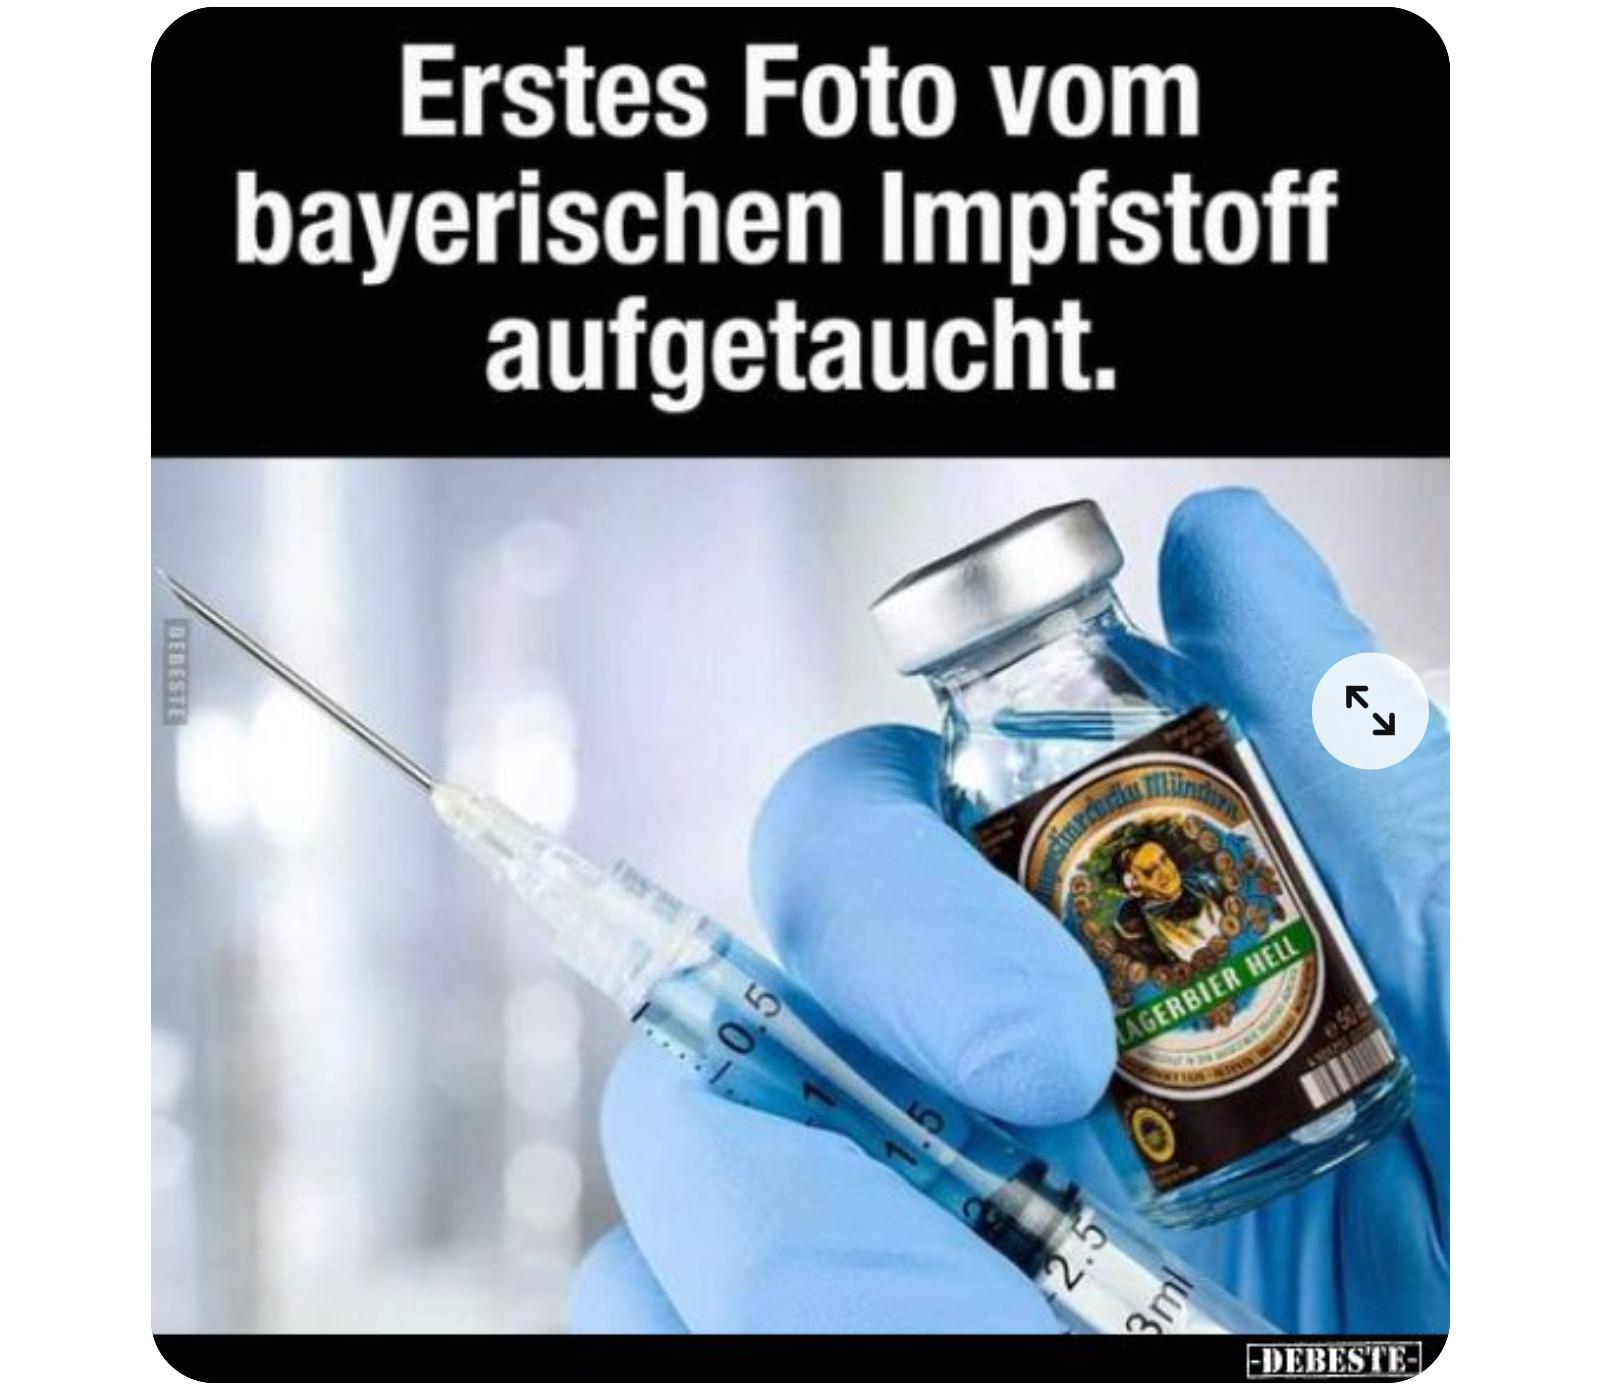 Bayerischer Impfstoff.jpeg